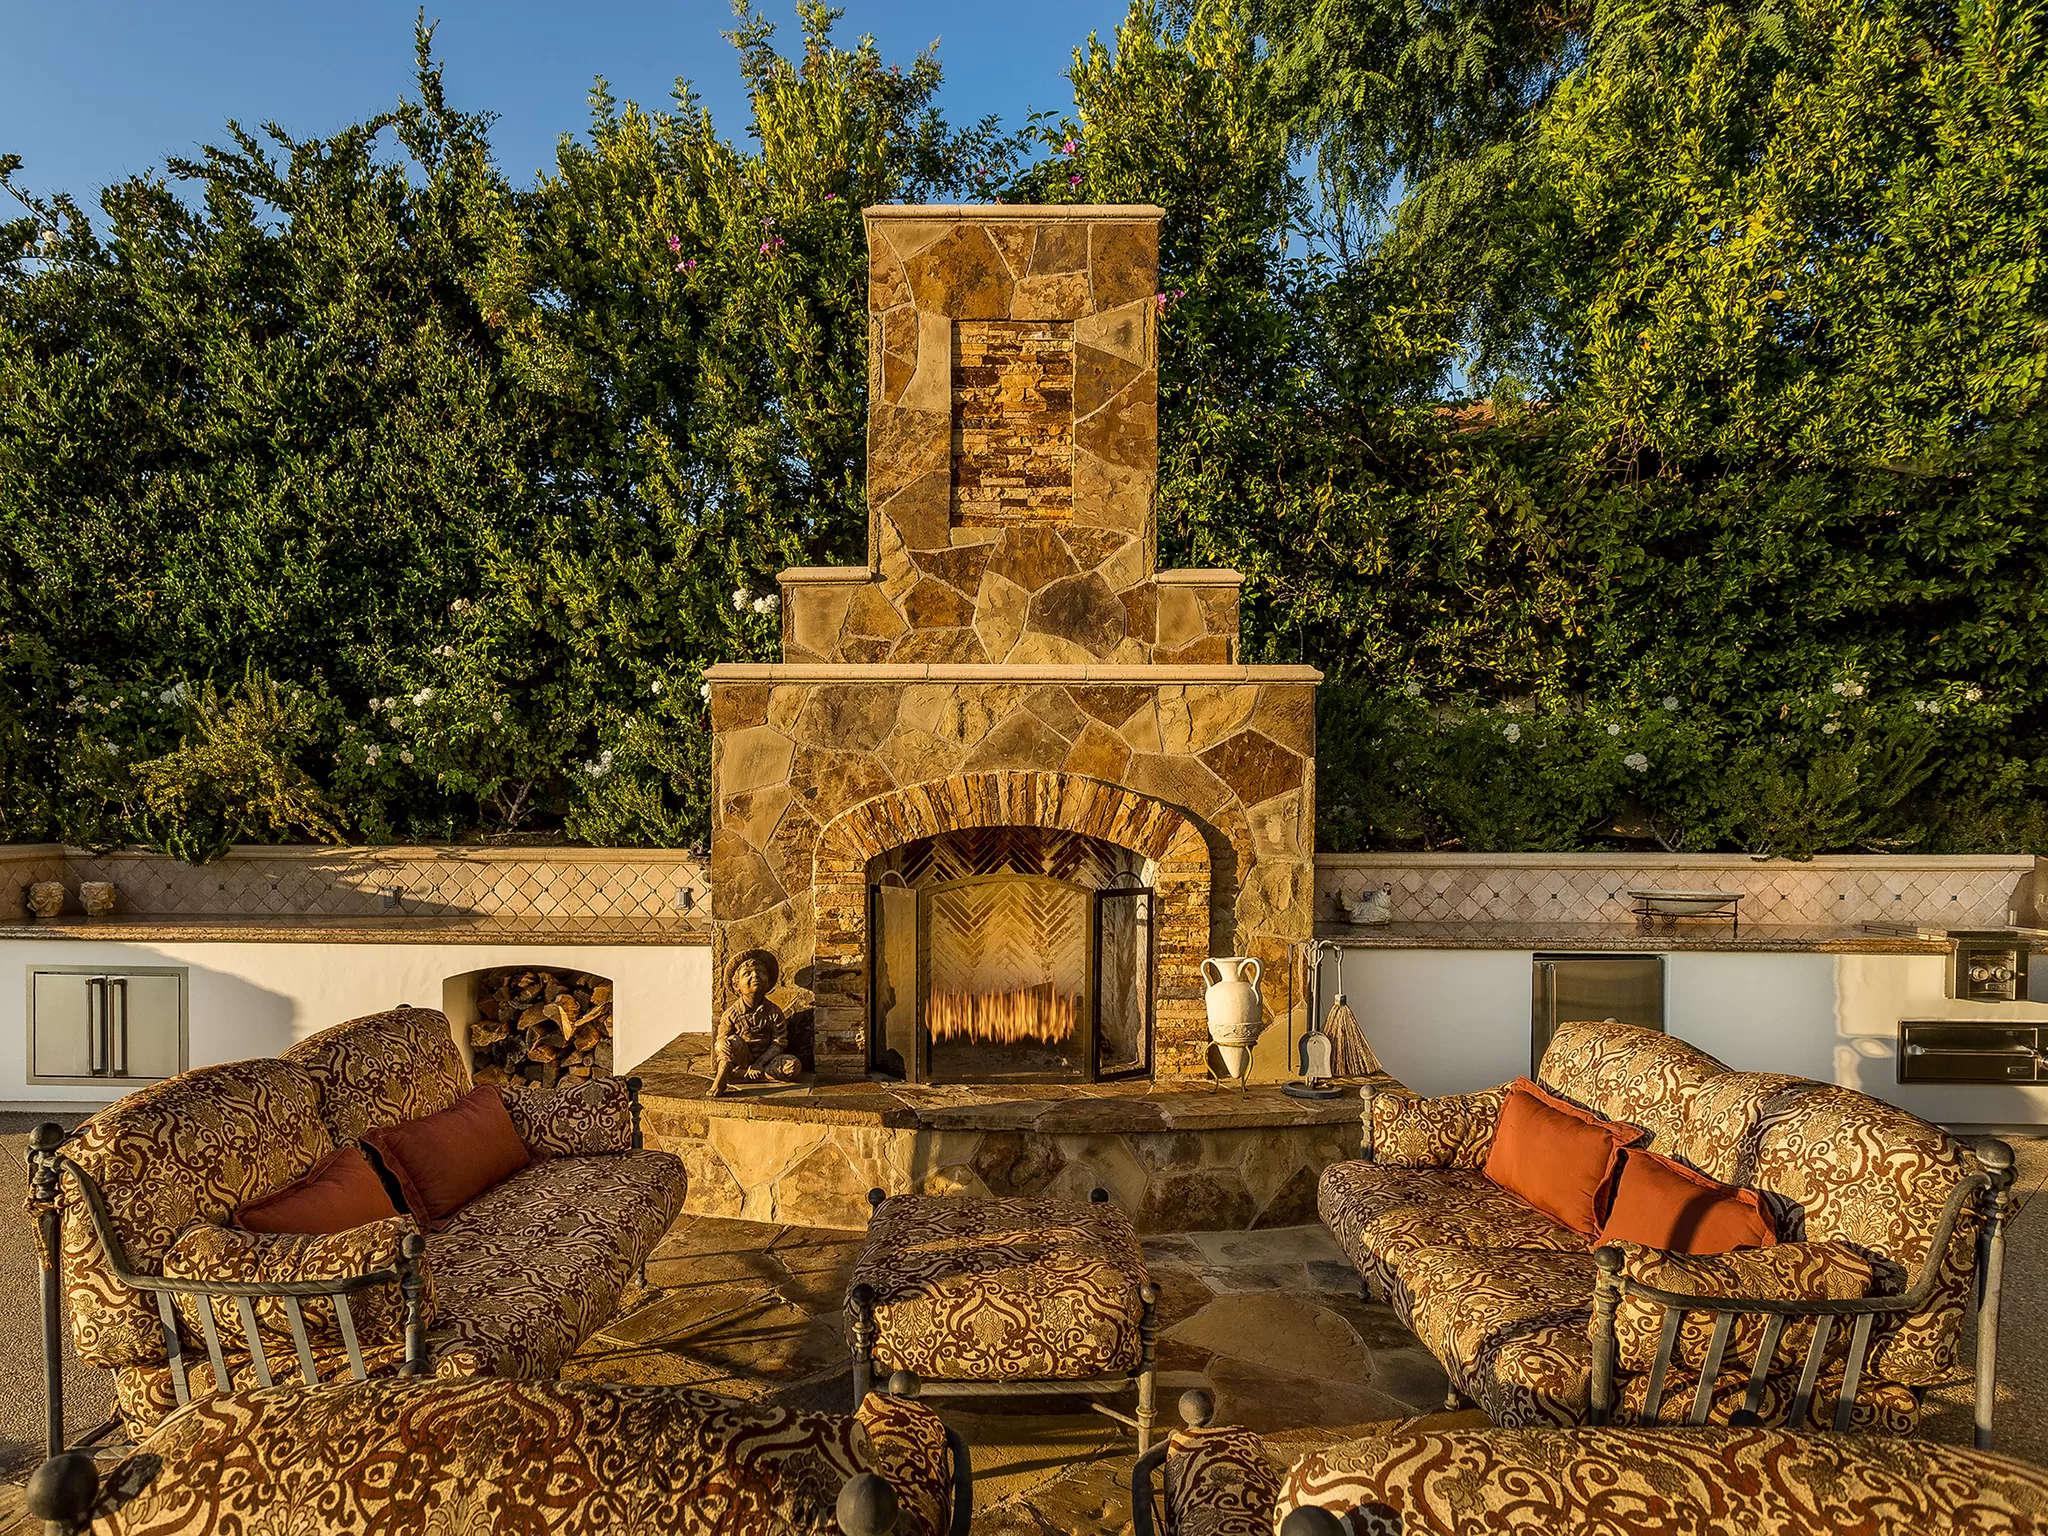 Outdoor Fireplace 4189 Prado De Los Pajaros Calabasas, CA 91302